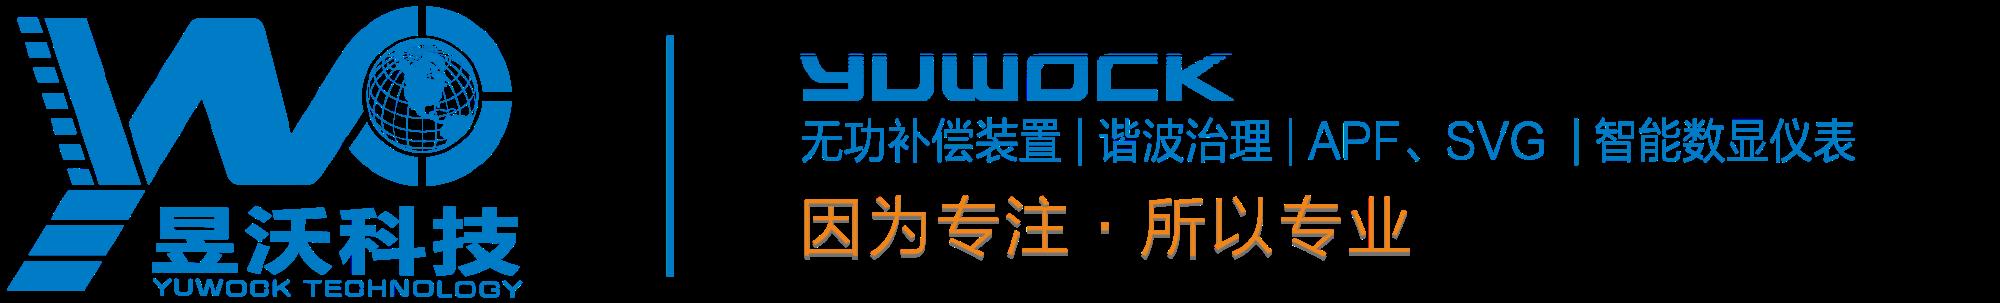 昱沃科技-官网 | 杭州昱沃科技有限公司,专业无功补偿成套装置及元器件生产厂家。